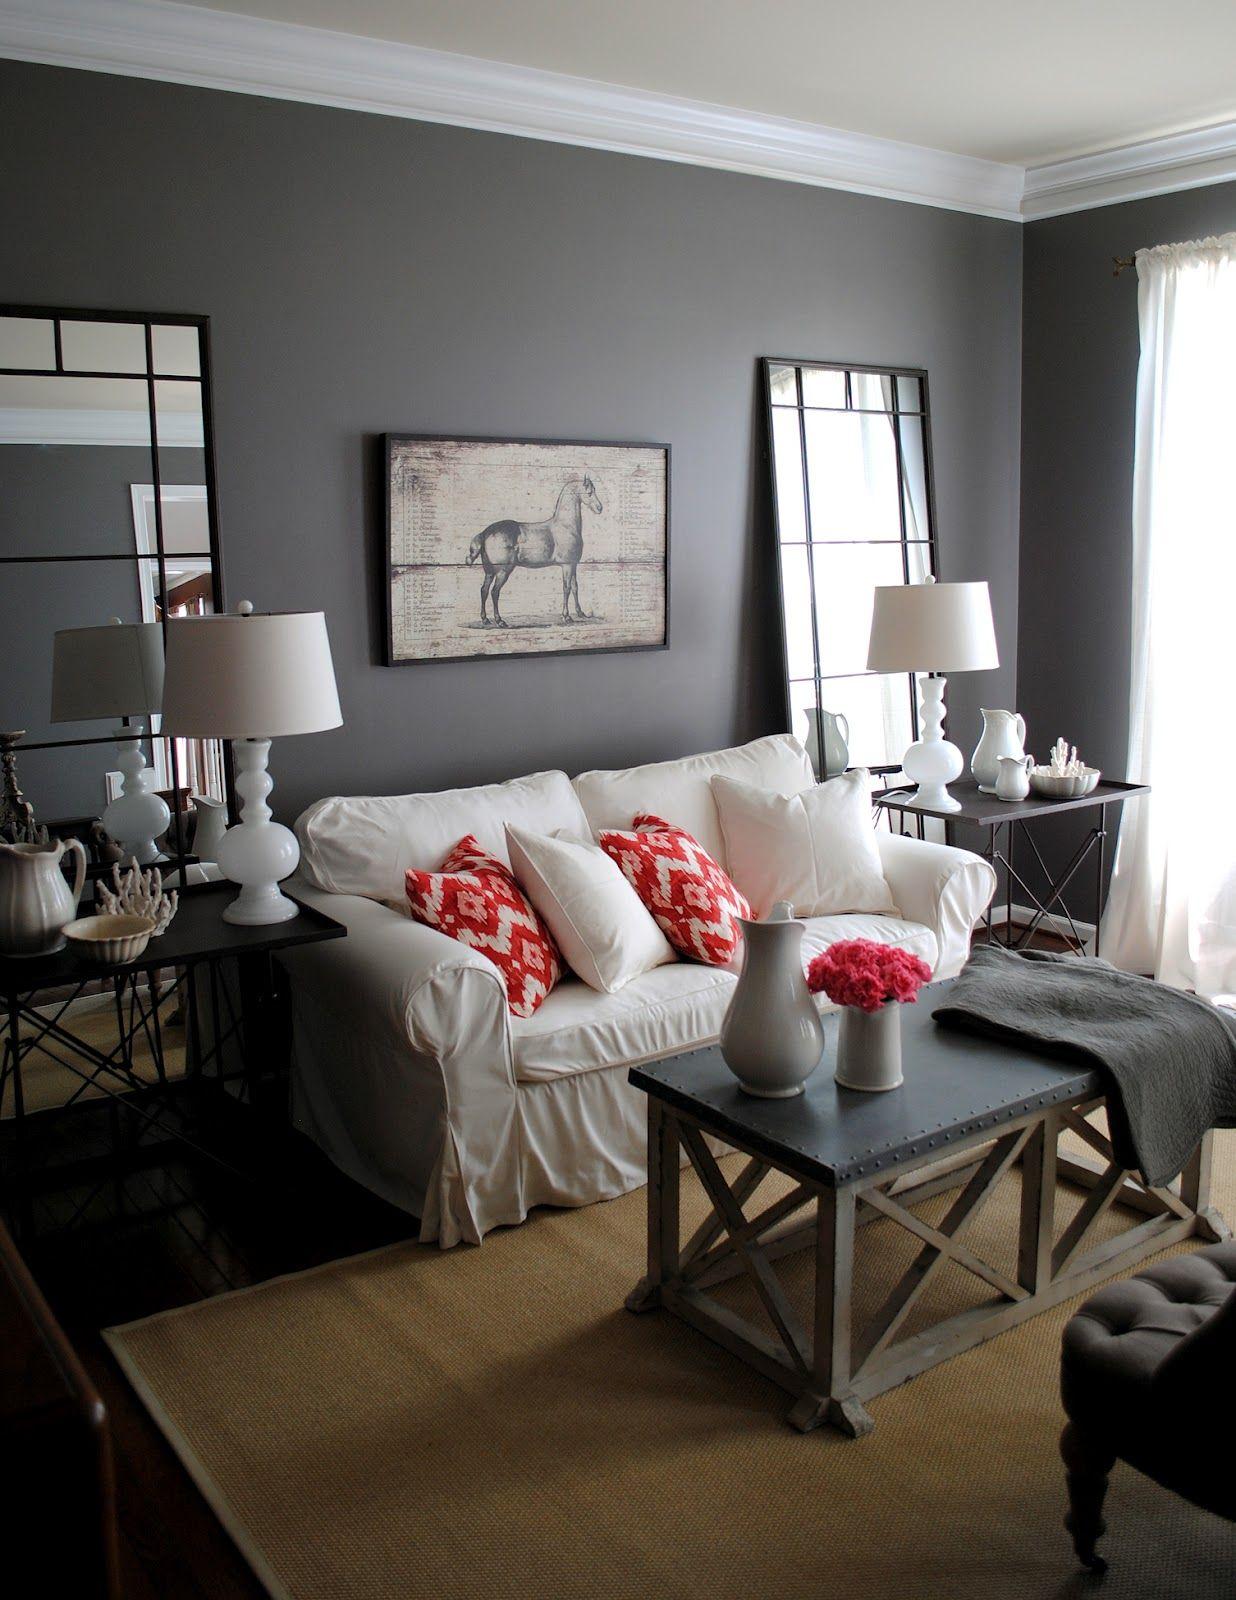 Moderne Grau Blau Wohnzimmer Mit Schönen Farbschemata Wohnzimmer Blau Und  Grau Kombinationen Suchen Ruhig, Warm Und Ausgewogen.